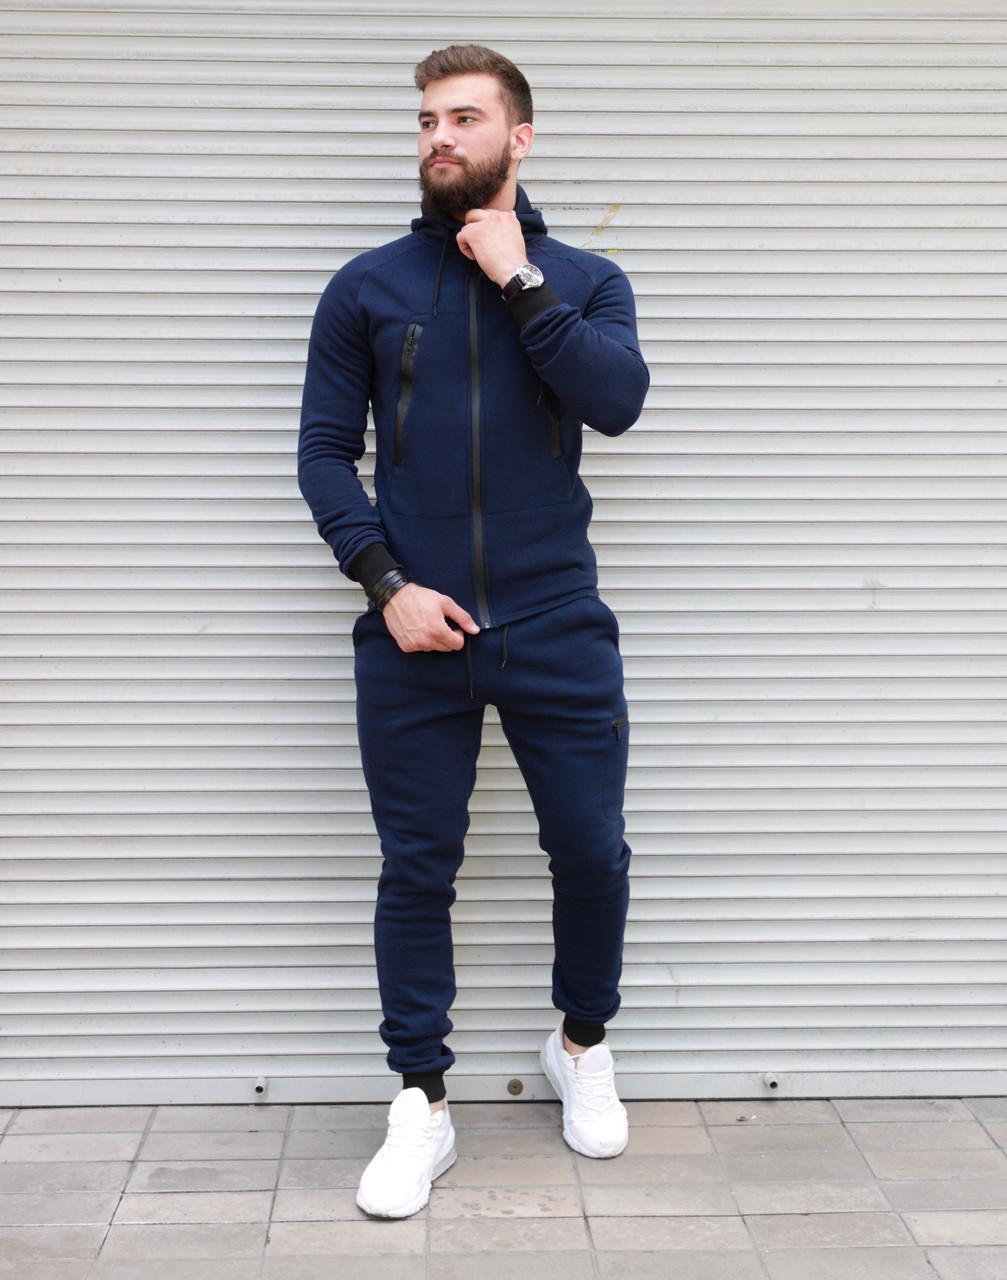 Теплий чоловічий спортивний костюм синього кольору з капюшоном